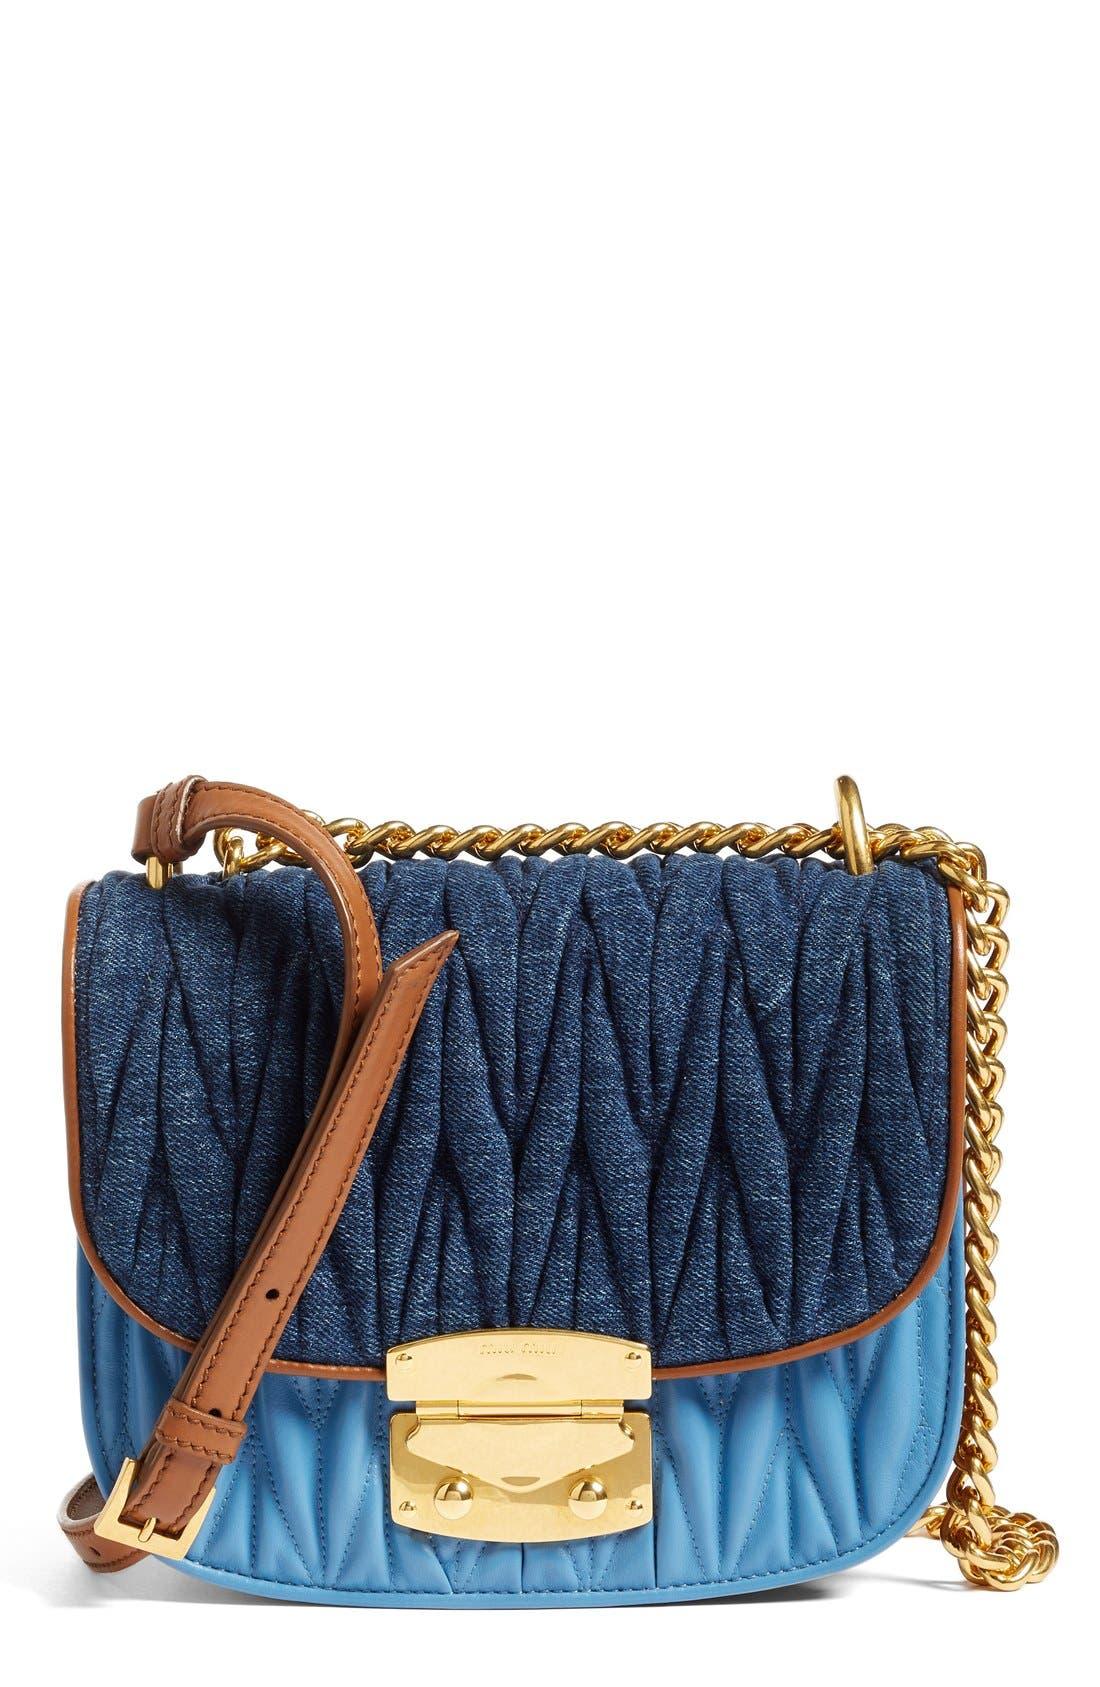 Alternate Image 1 Selected - Miu Miu Matelassé Crossbody Bag